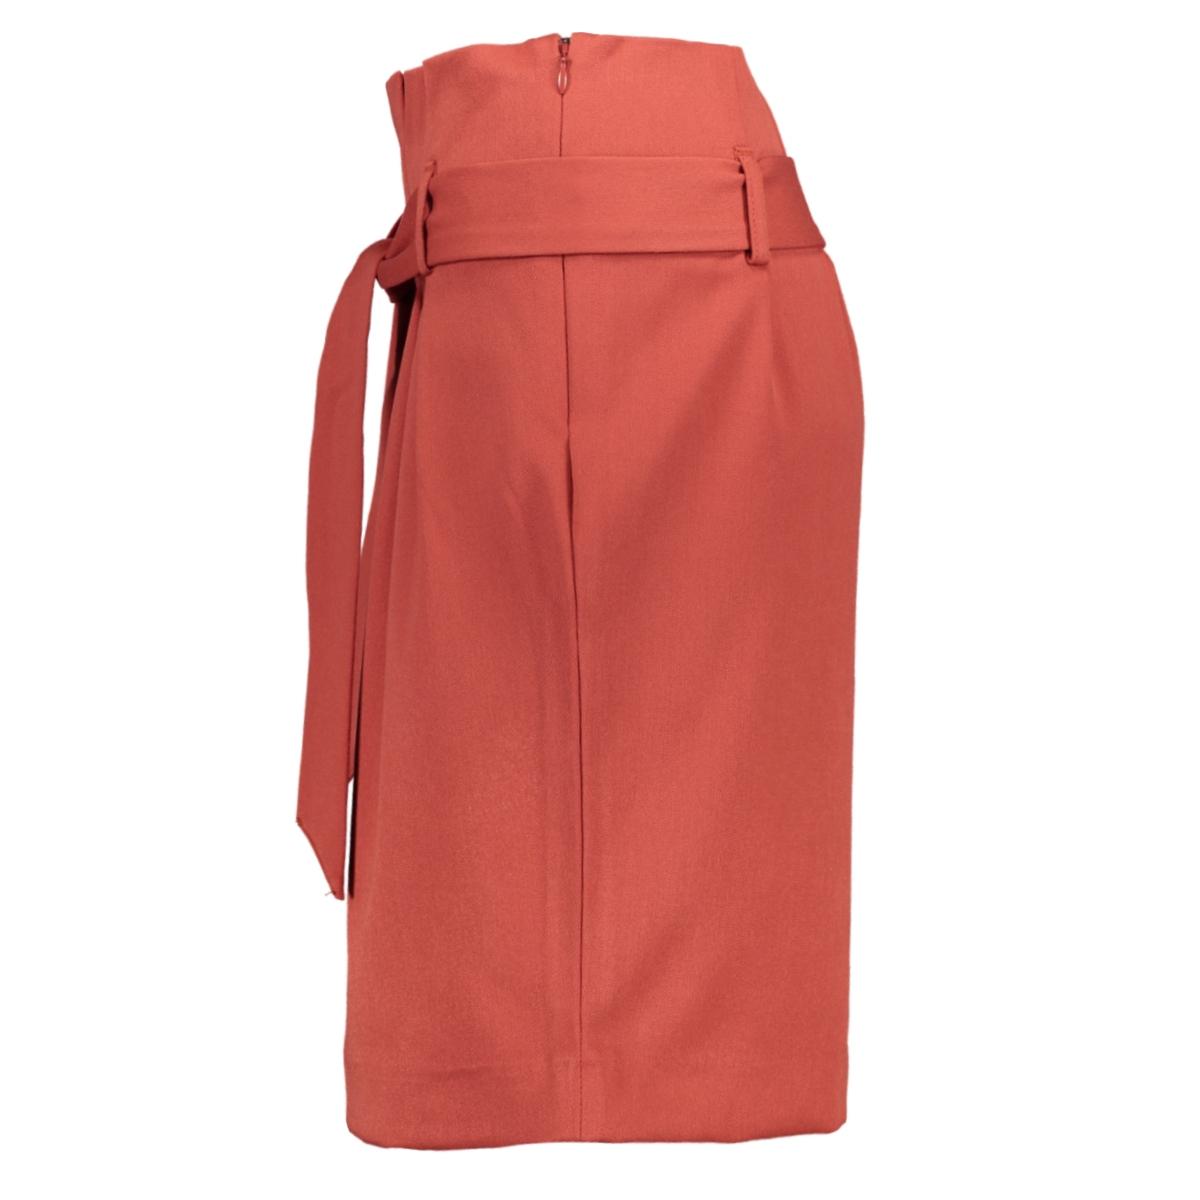 objlisa abella mini skirt seasonal 23030922 object rok tandori spice